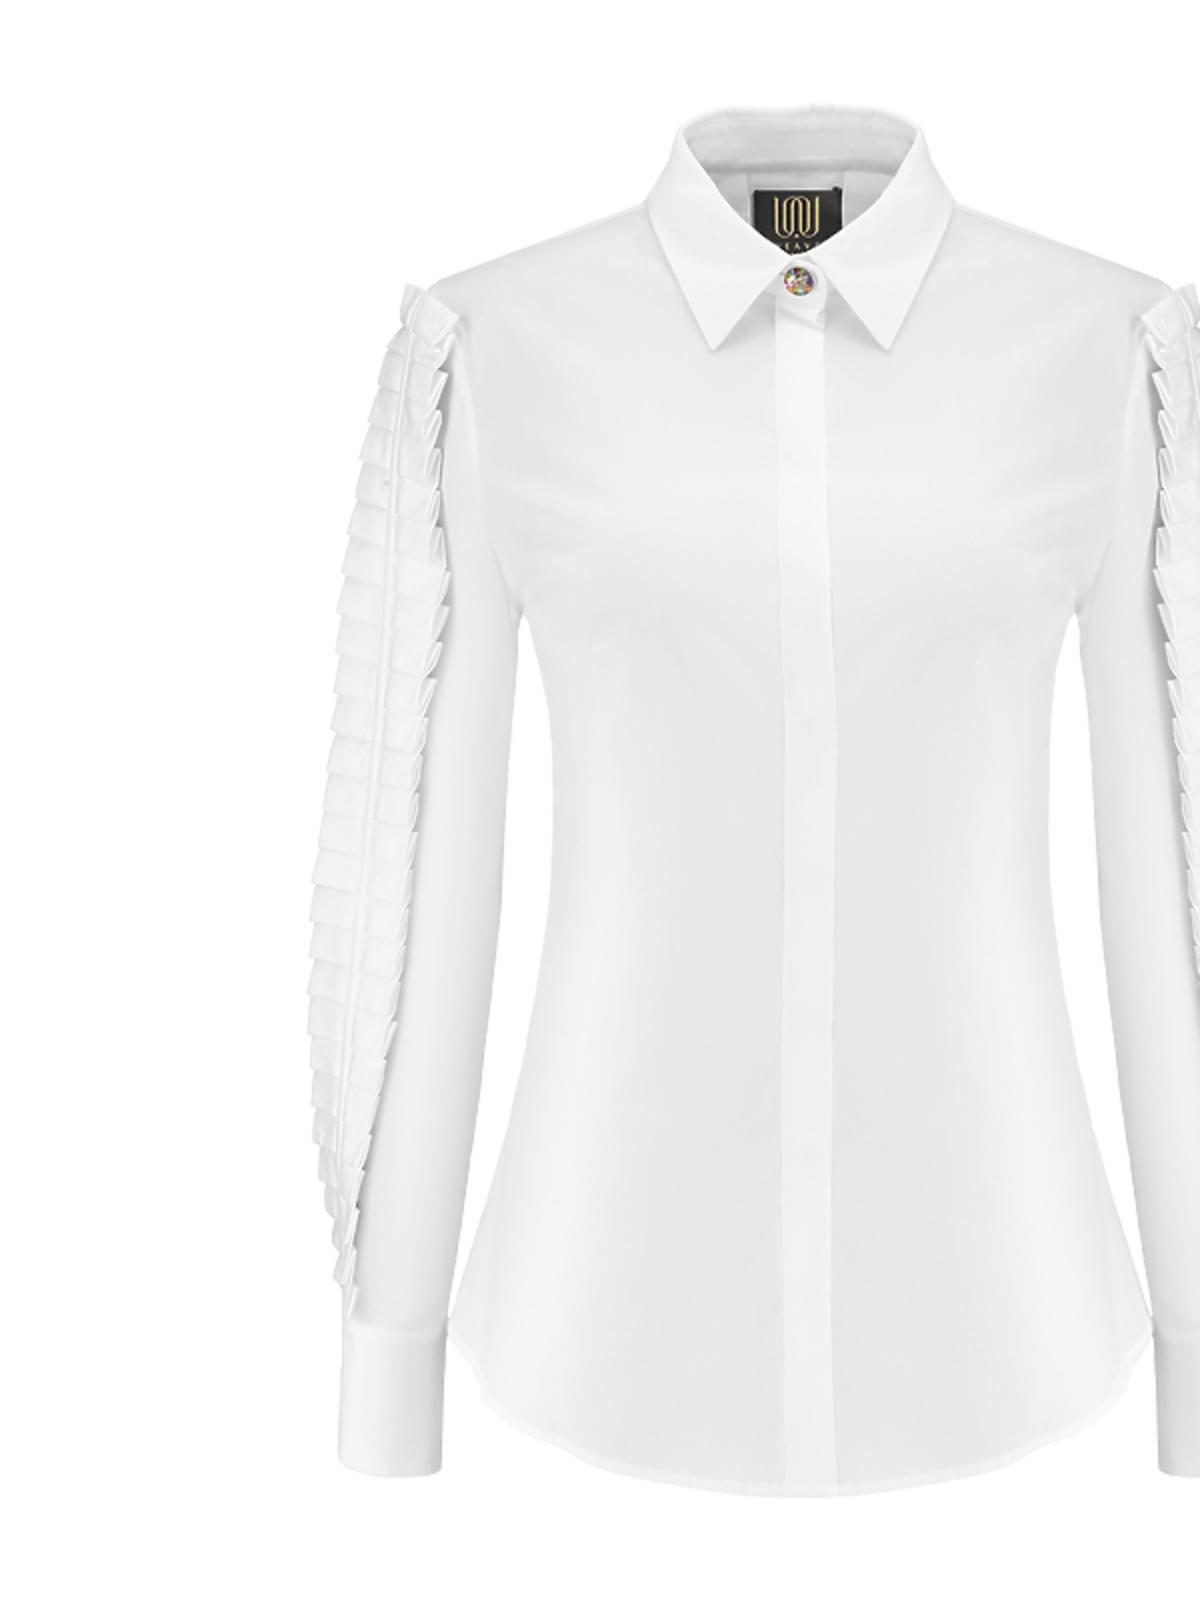 Biała koszula z plisami Weave, 1500 zł